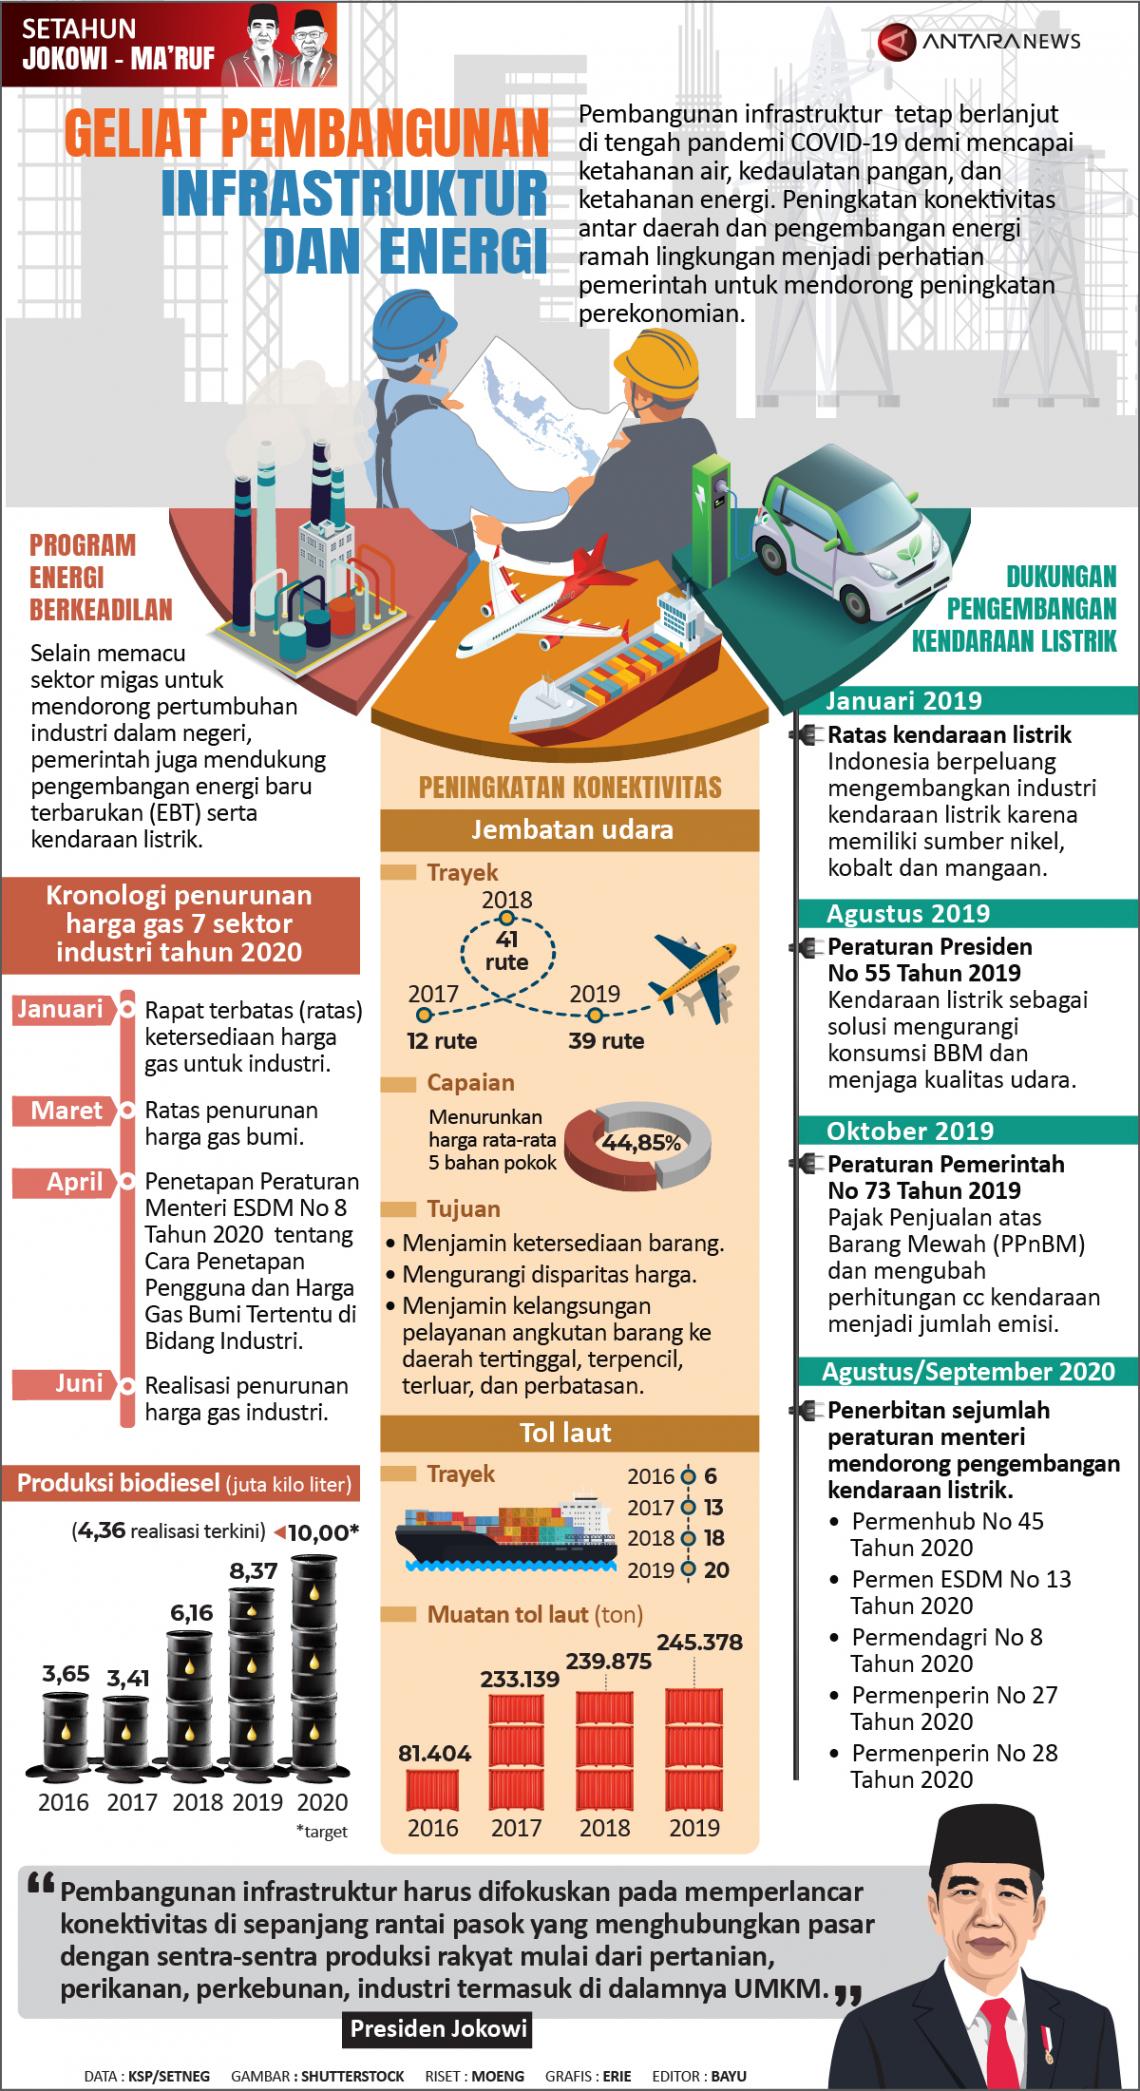 Geliat pembangunan infrastruktur dan energi